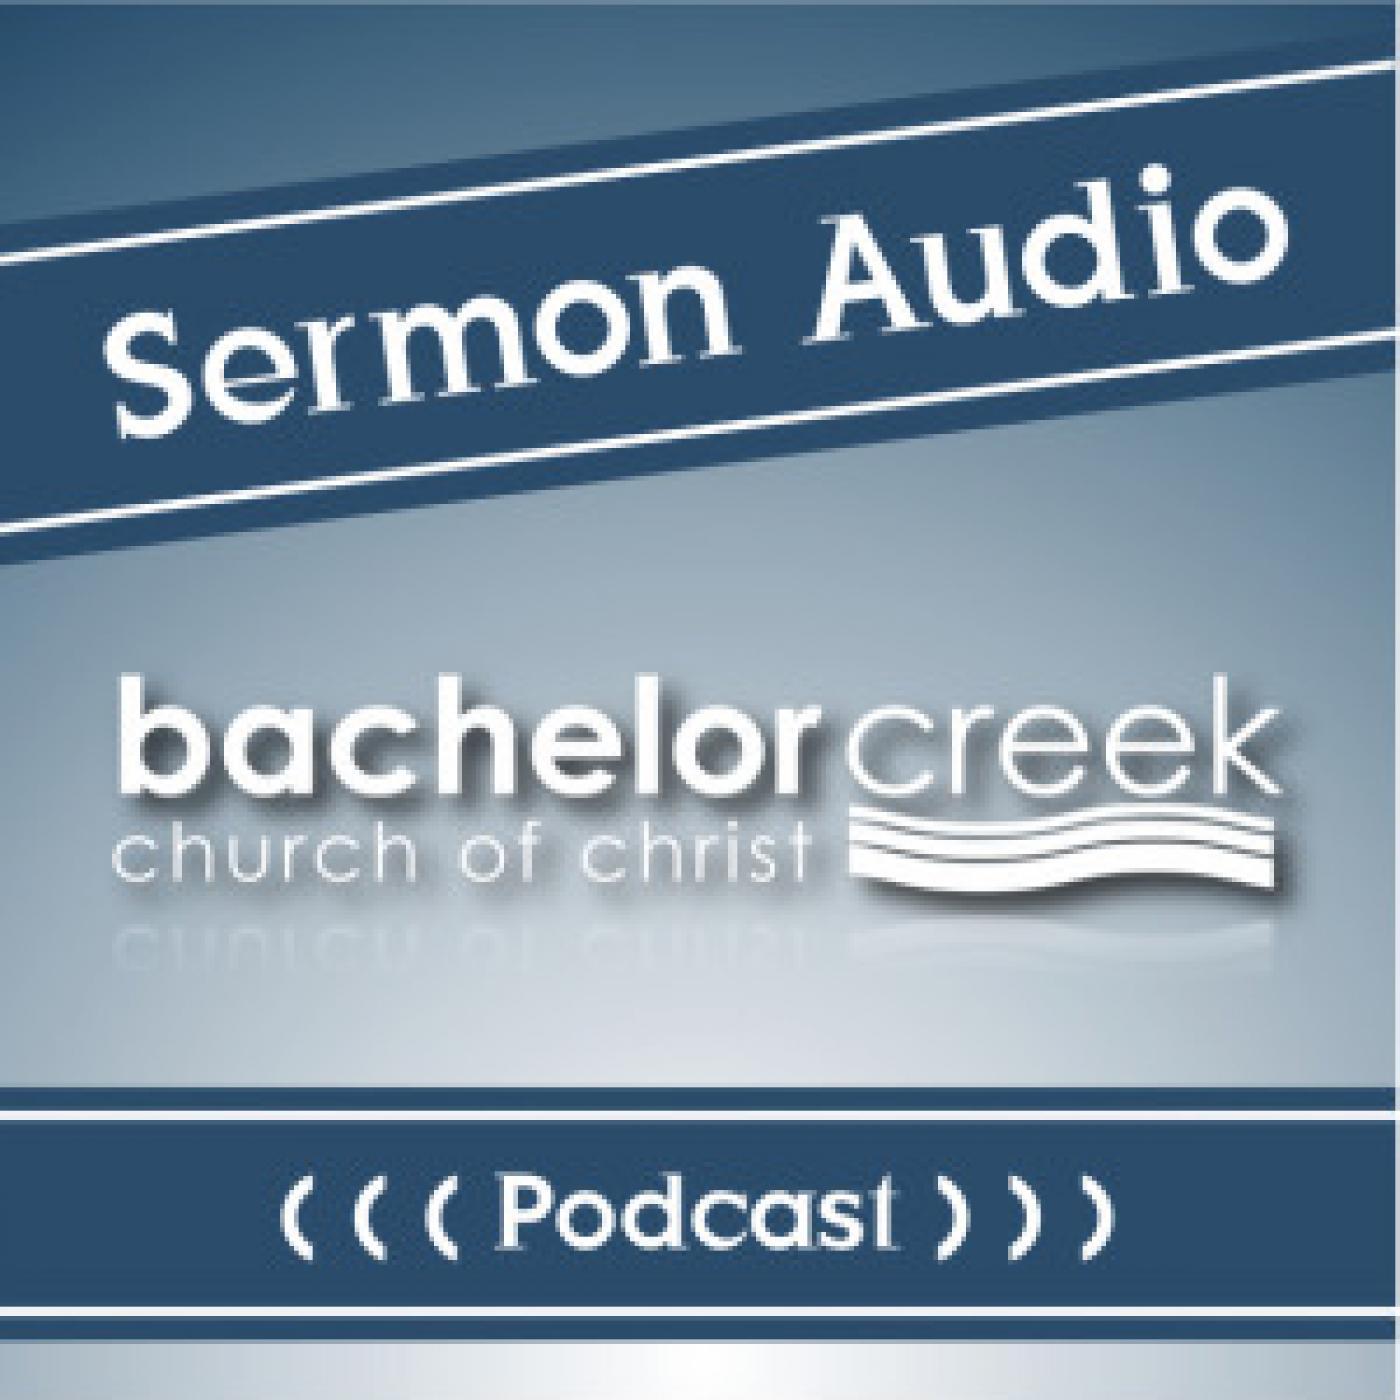 Bachelor Creek Podcast